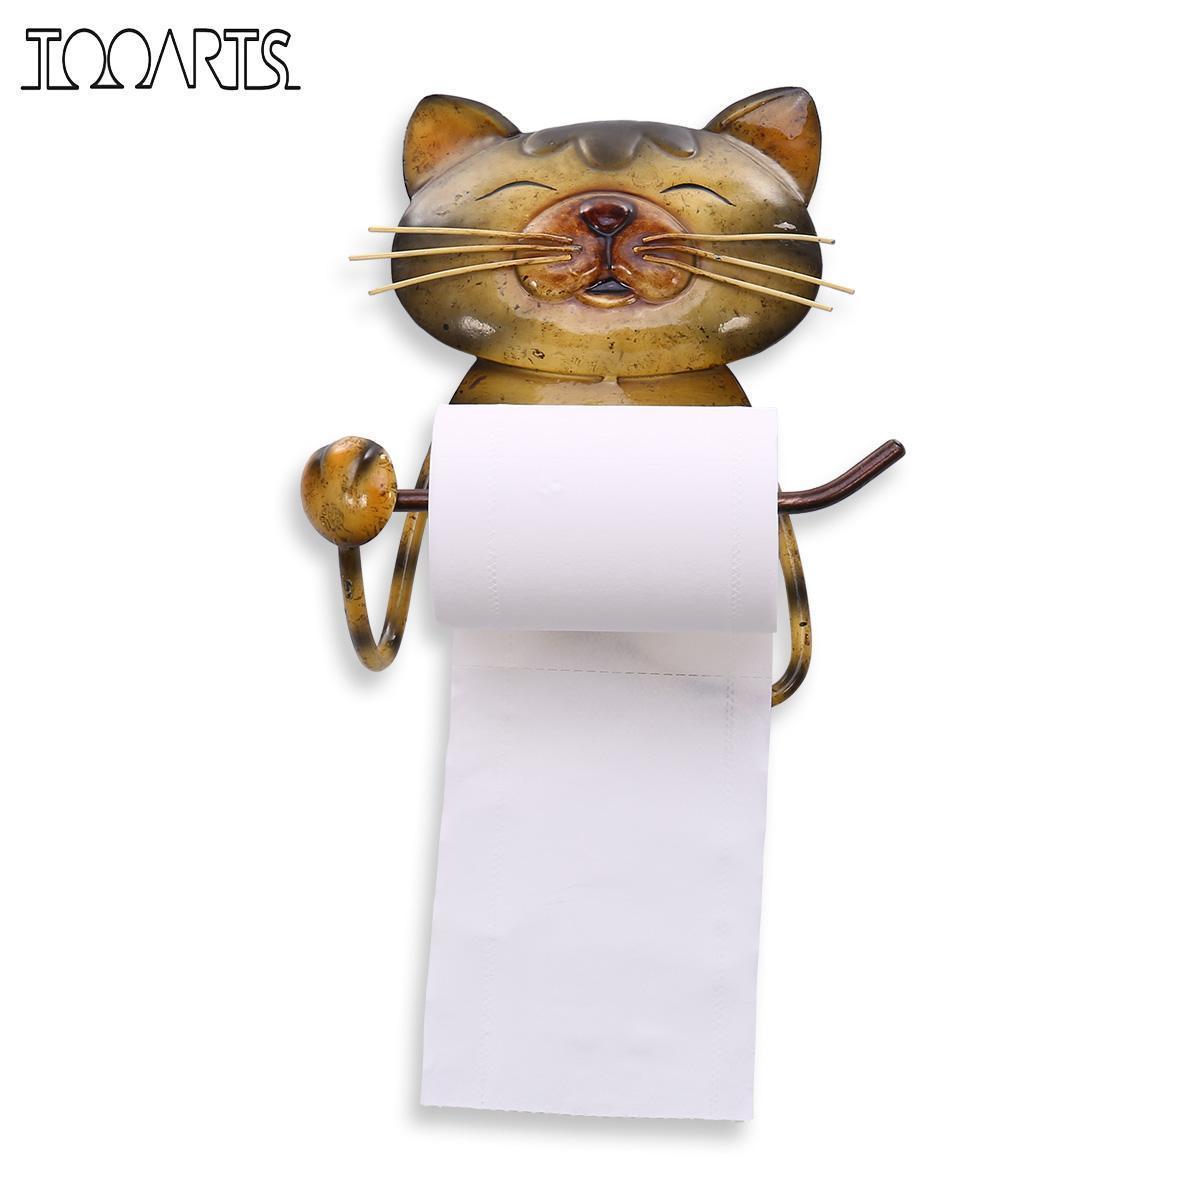 duvar depolama rafı T200319 için Kedi Kağıt Havluluk Vintage Dökme Demir Köpek Tuvalet Kağıdı Tutucu Standı banyo organizatörü Askı raflar